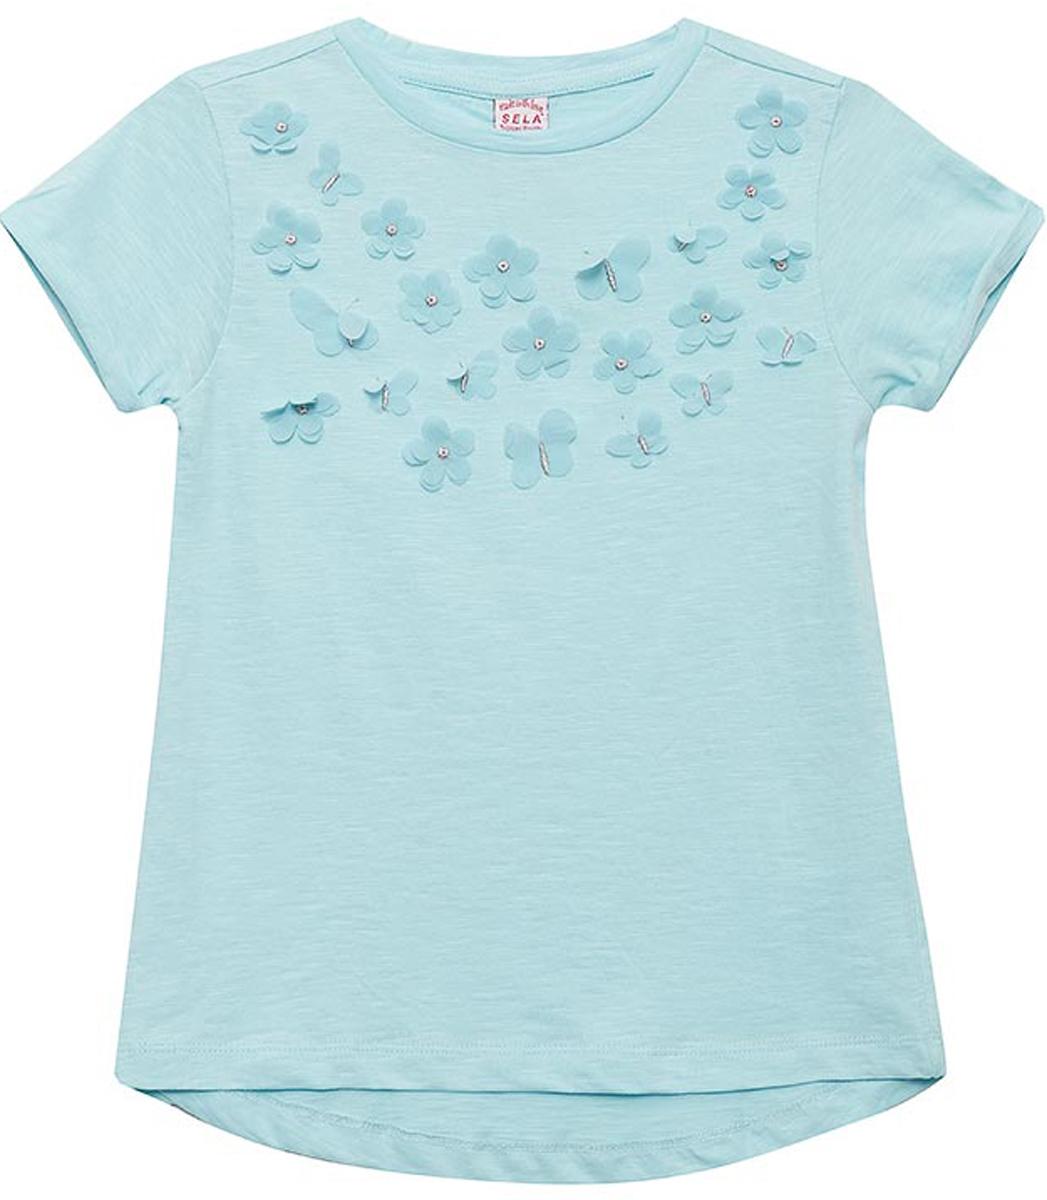 Футболка для девочки Sela, цвет: голубой. Ts-611/1195-8131. Размер 140Ts-611/1195-8131Футболка для девочки Sela выполнена из натурального хлопка. Модель с круглым вырезом горловины и короткими рукавами.